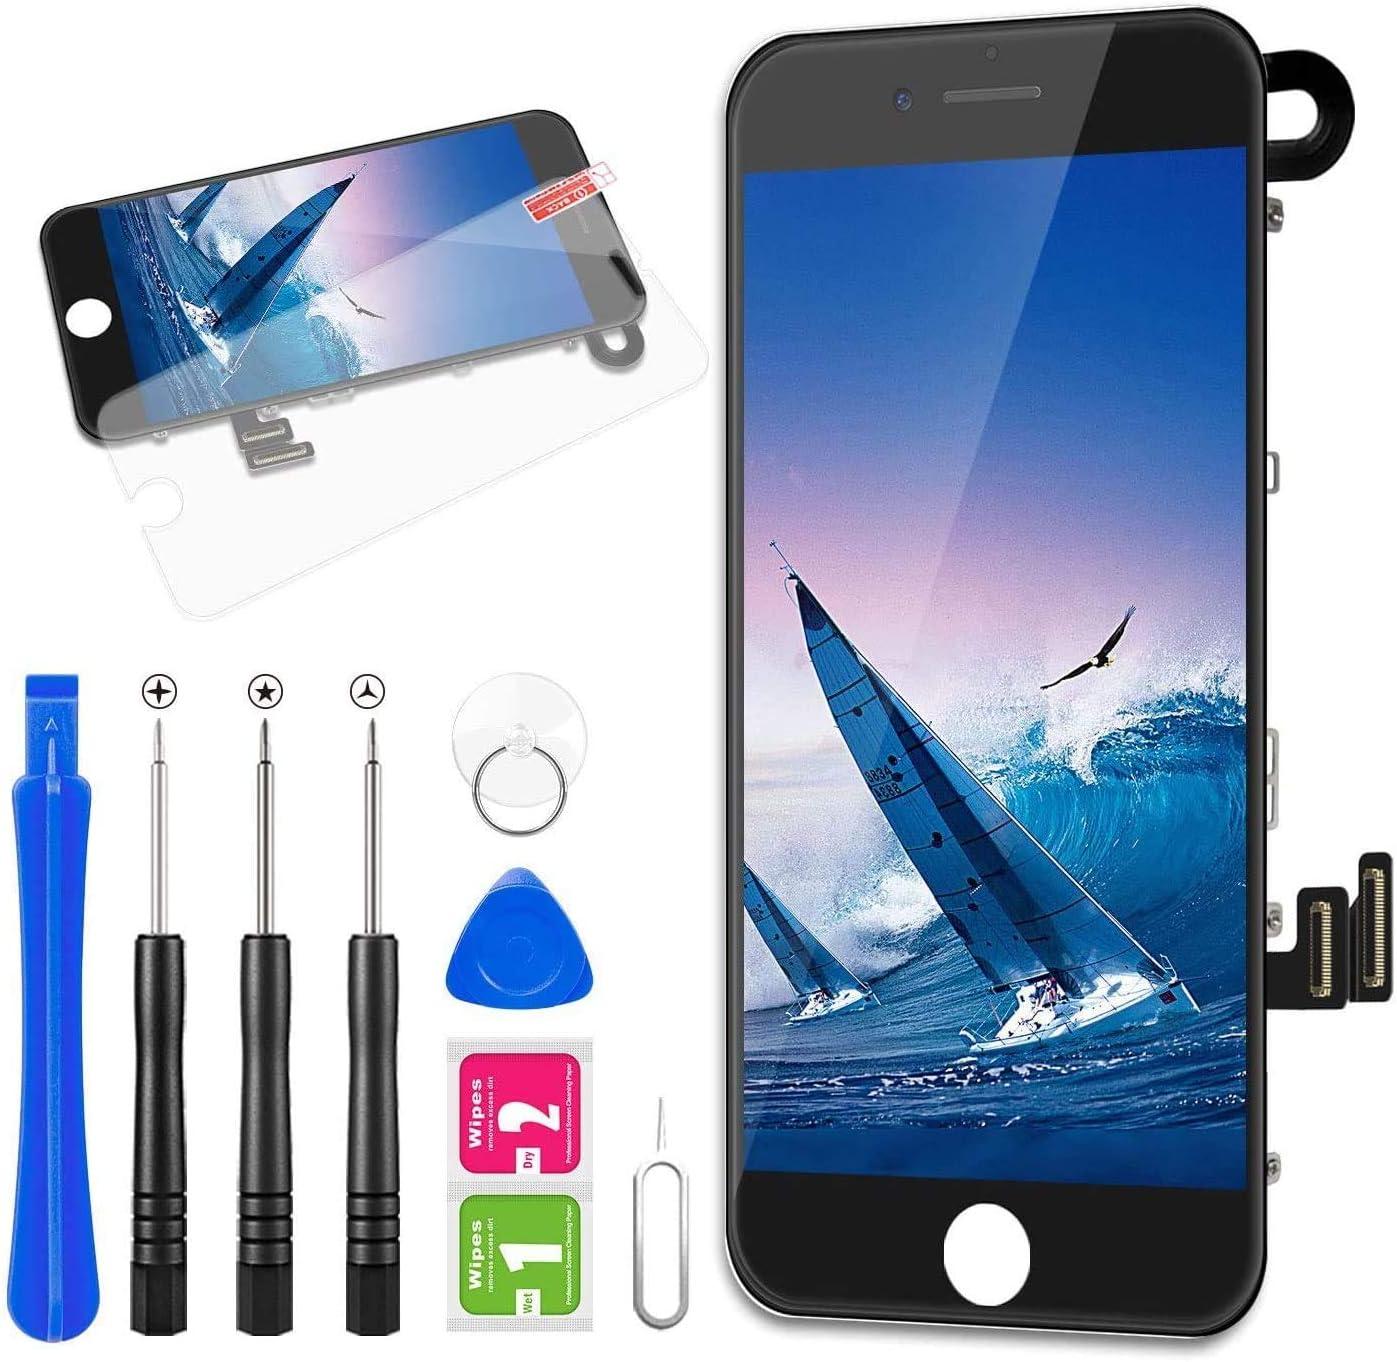 FLYLINKTECH Pantalla para iPhone 7 4.7 '',Táctil LCD de Repuesto Ensamblaje de Marco Digitalizador con cámara Frontal,Sensor de proximidad,Altavoz y Herramientas (Negro)